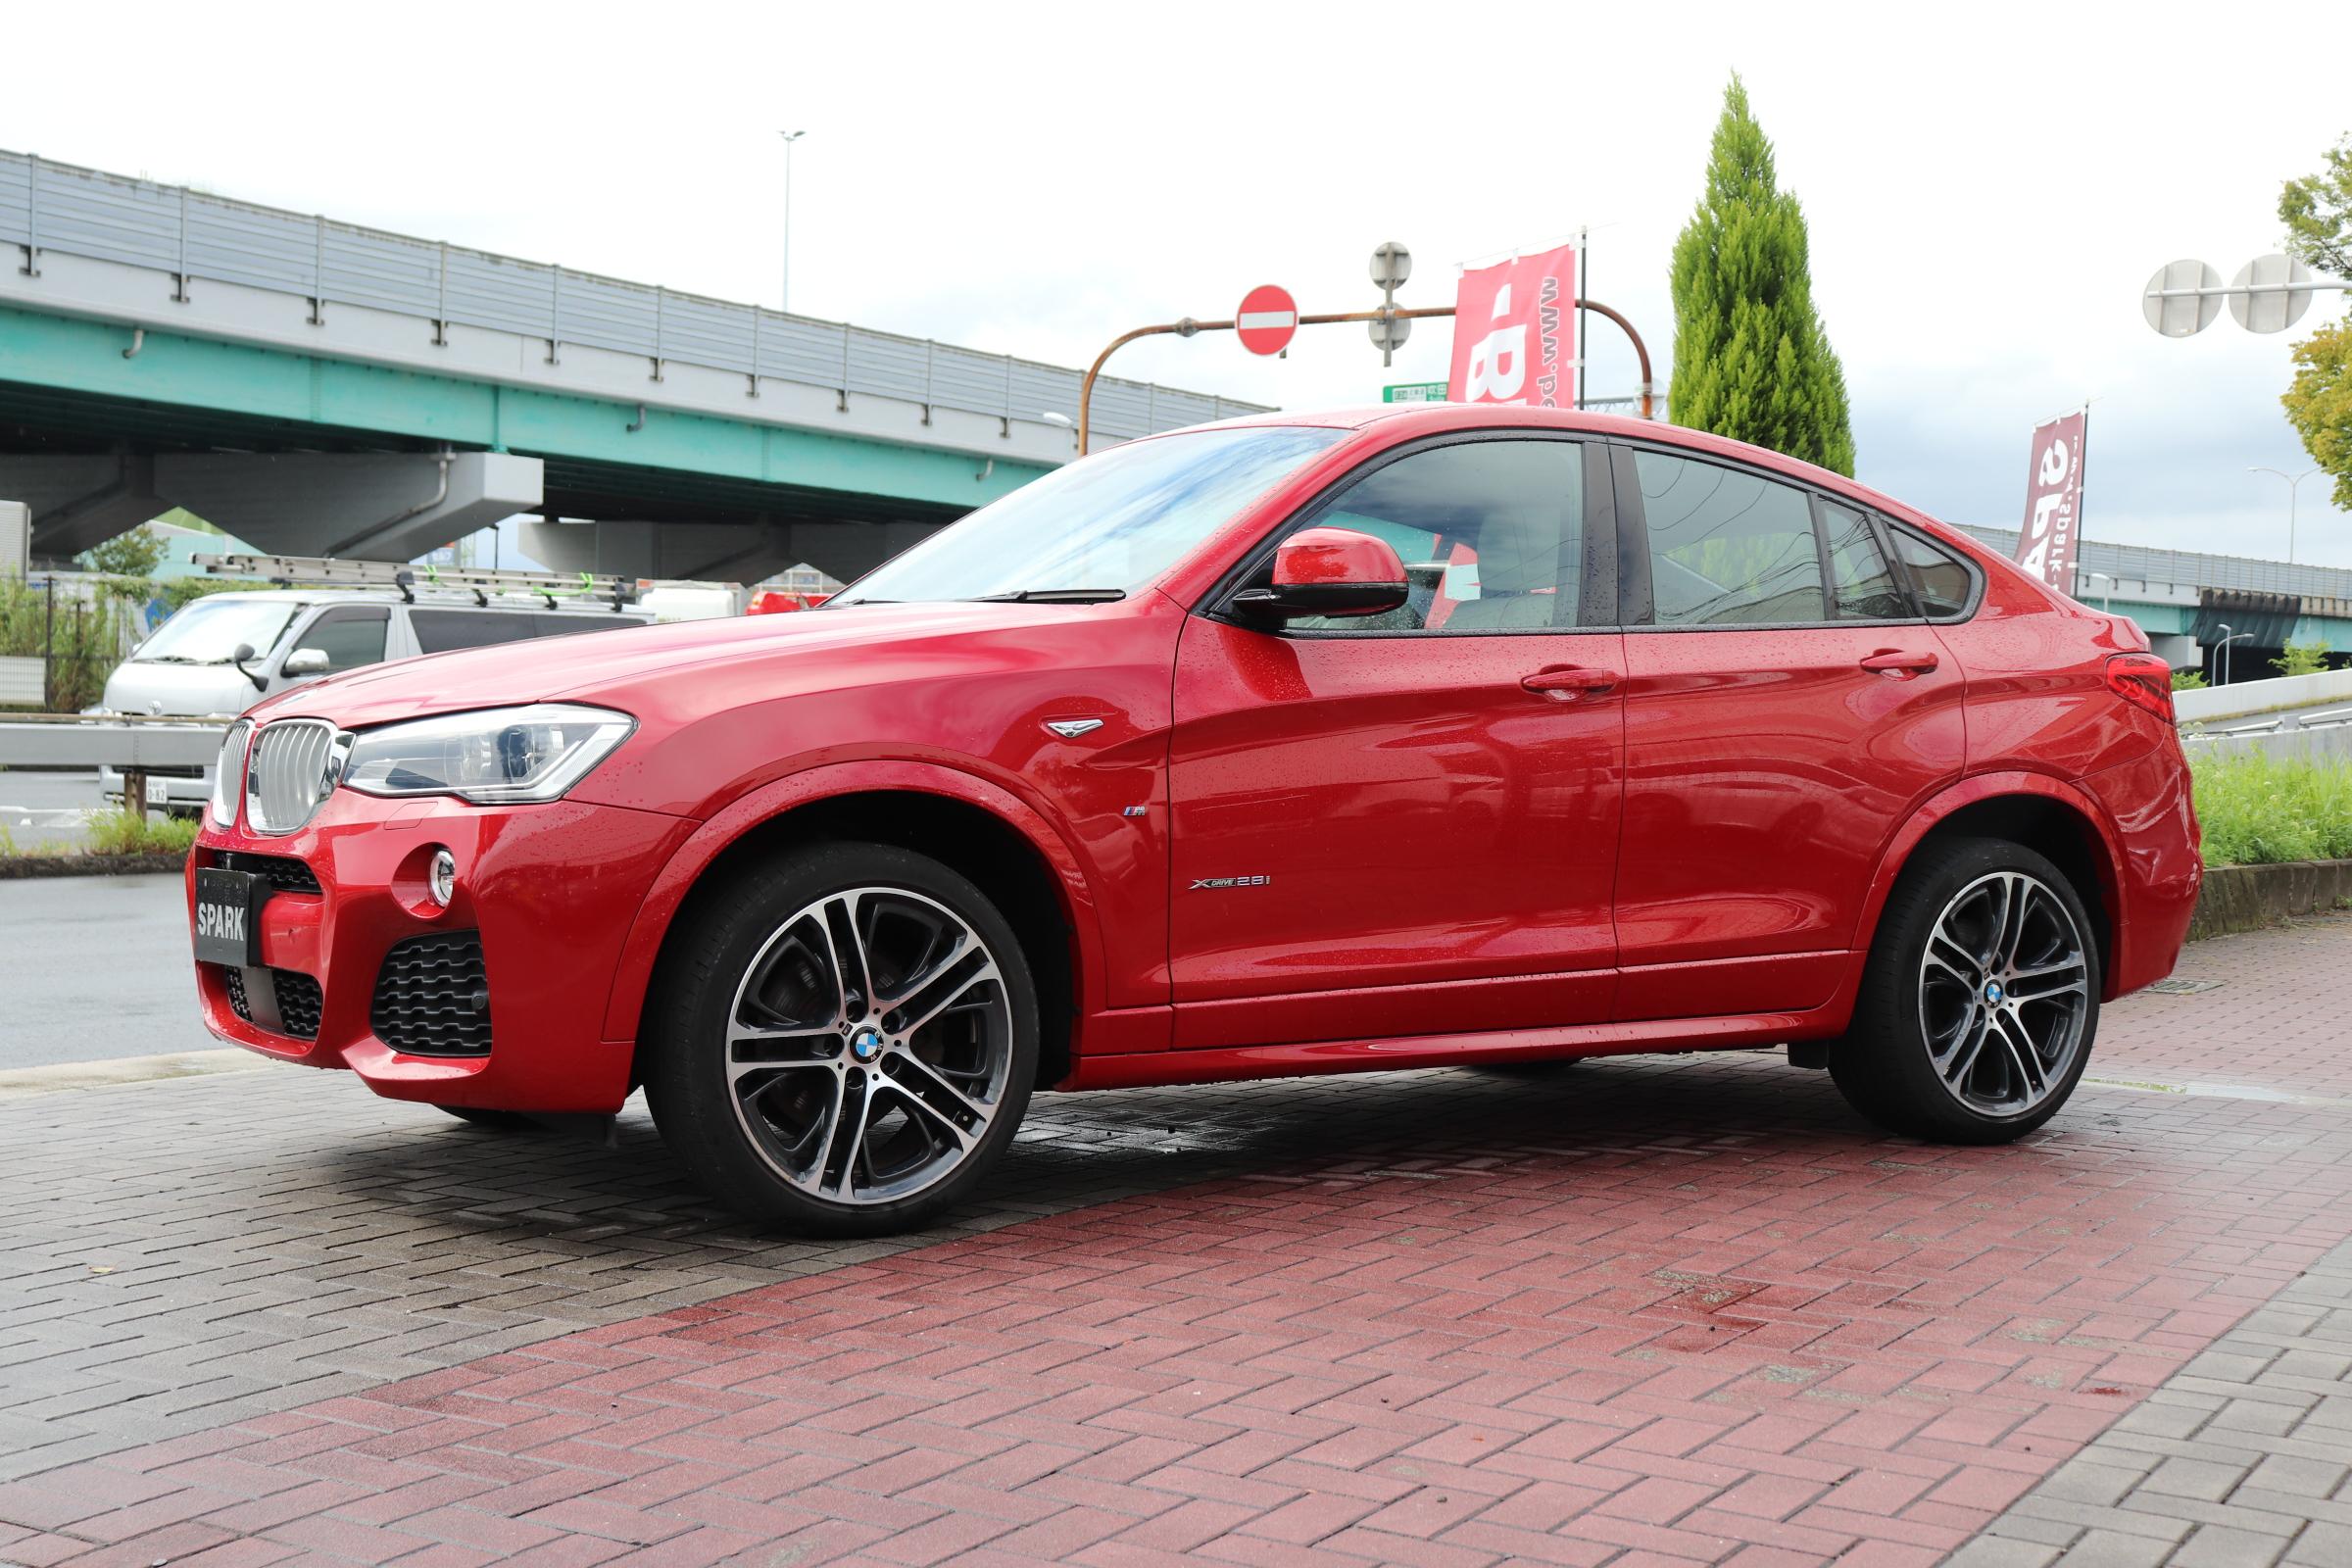 X4 xDrive 28i Mスポーツ 4WD 20インチACCレーンチェンジW LEDヘッド Mスポステア車両画像08